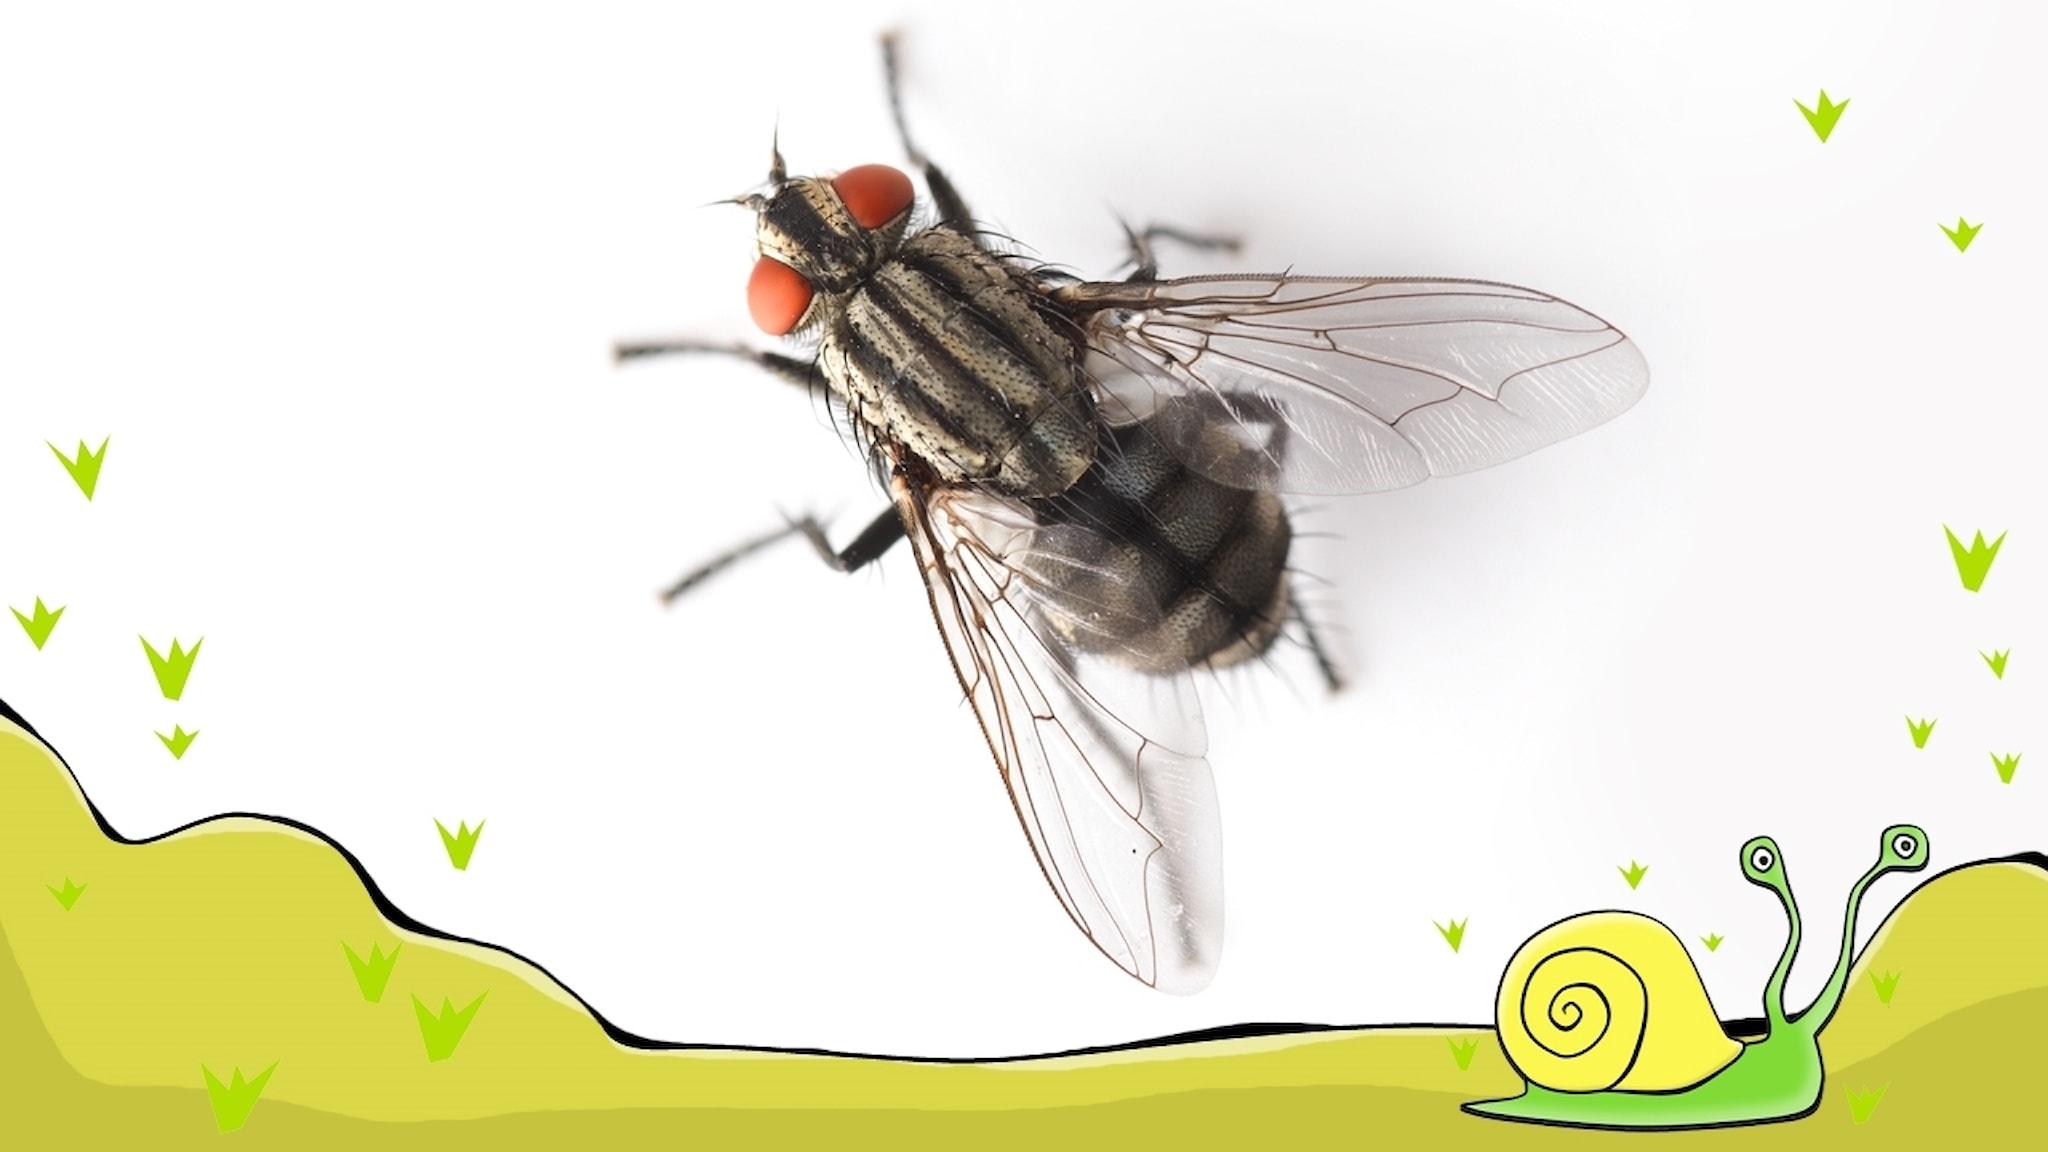 En flugas liv: Jag är en fluglarv  Del 1 av 5